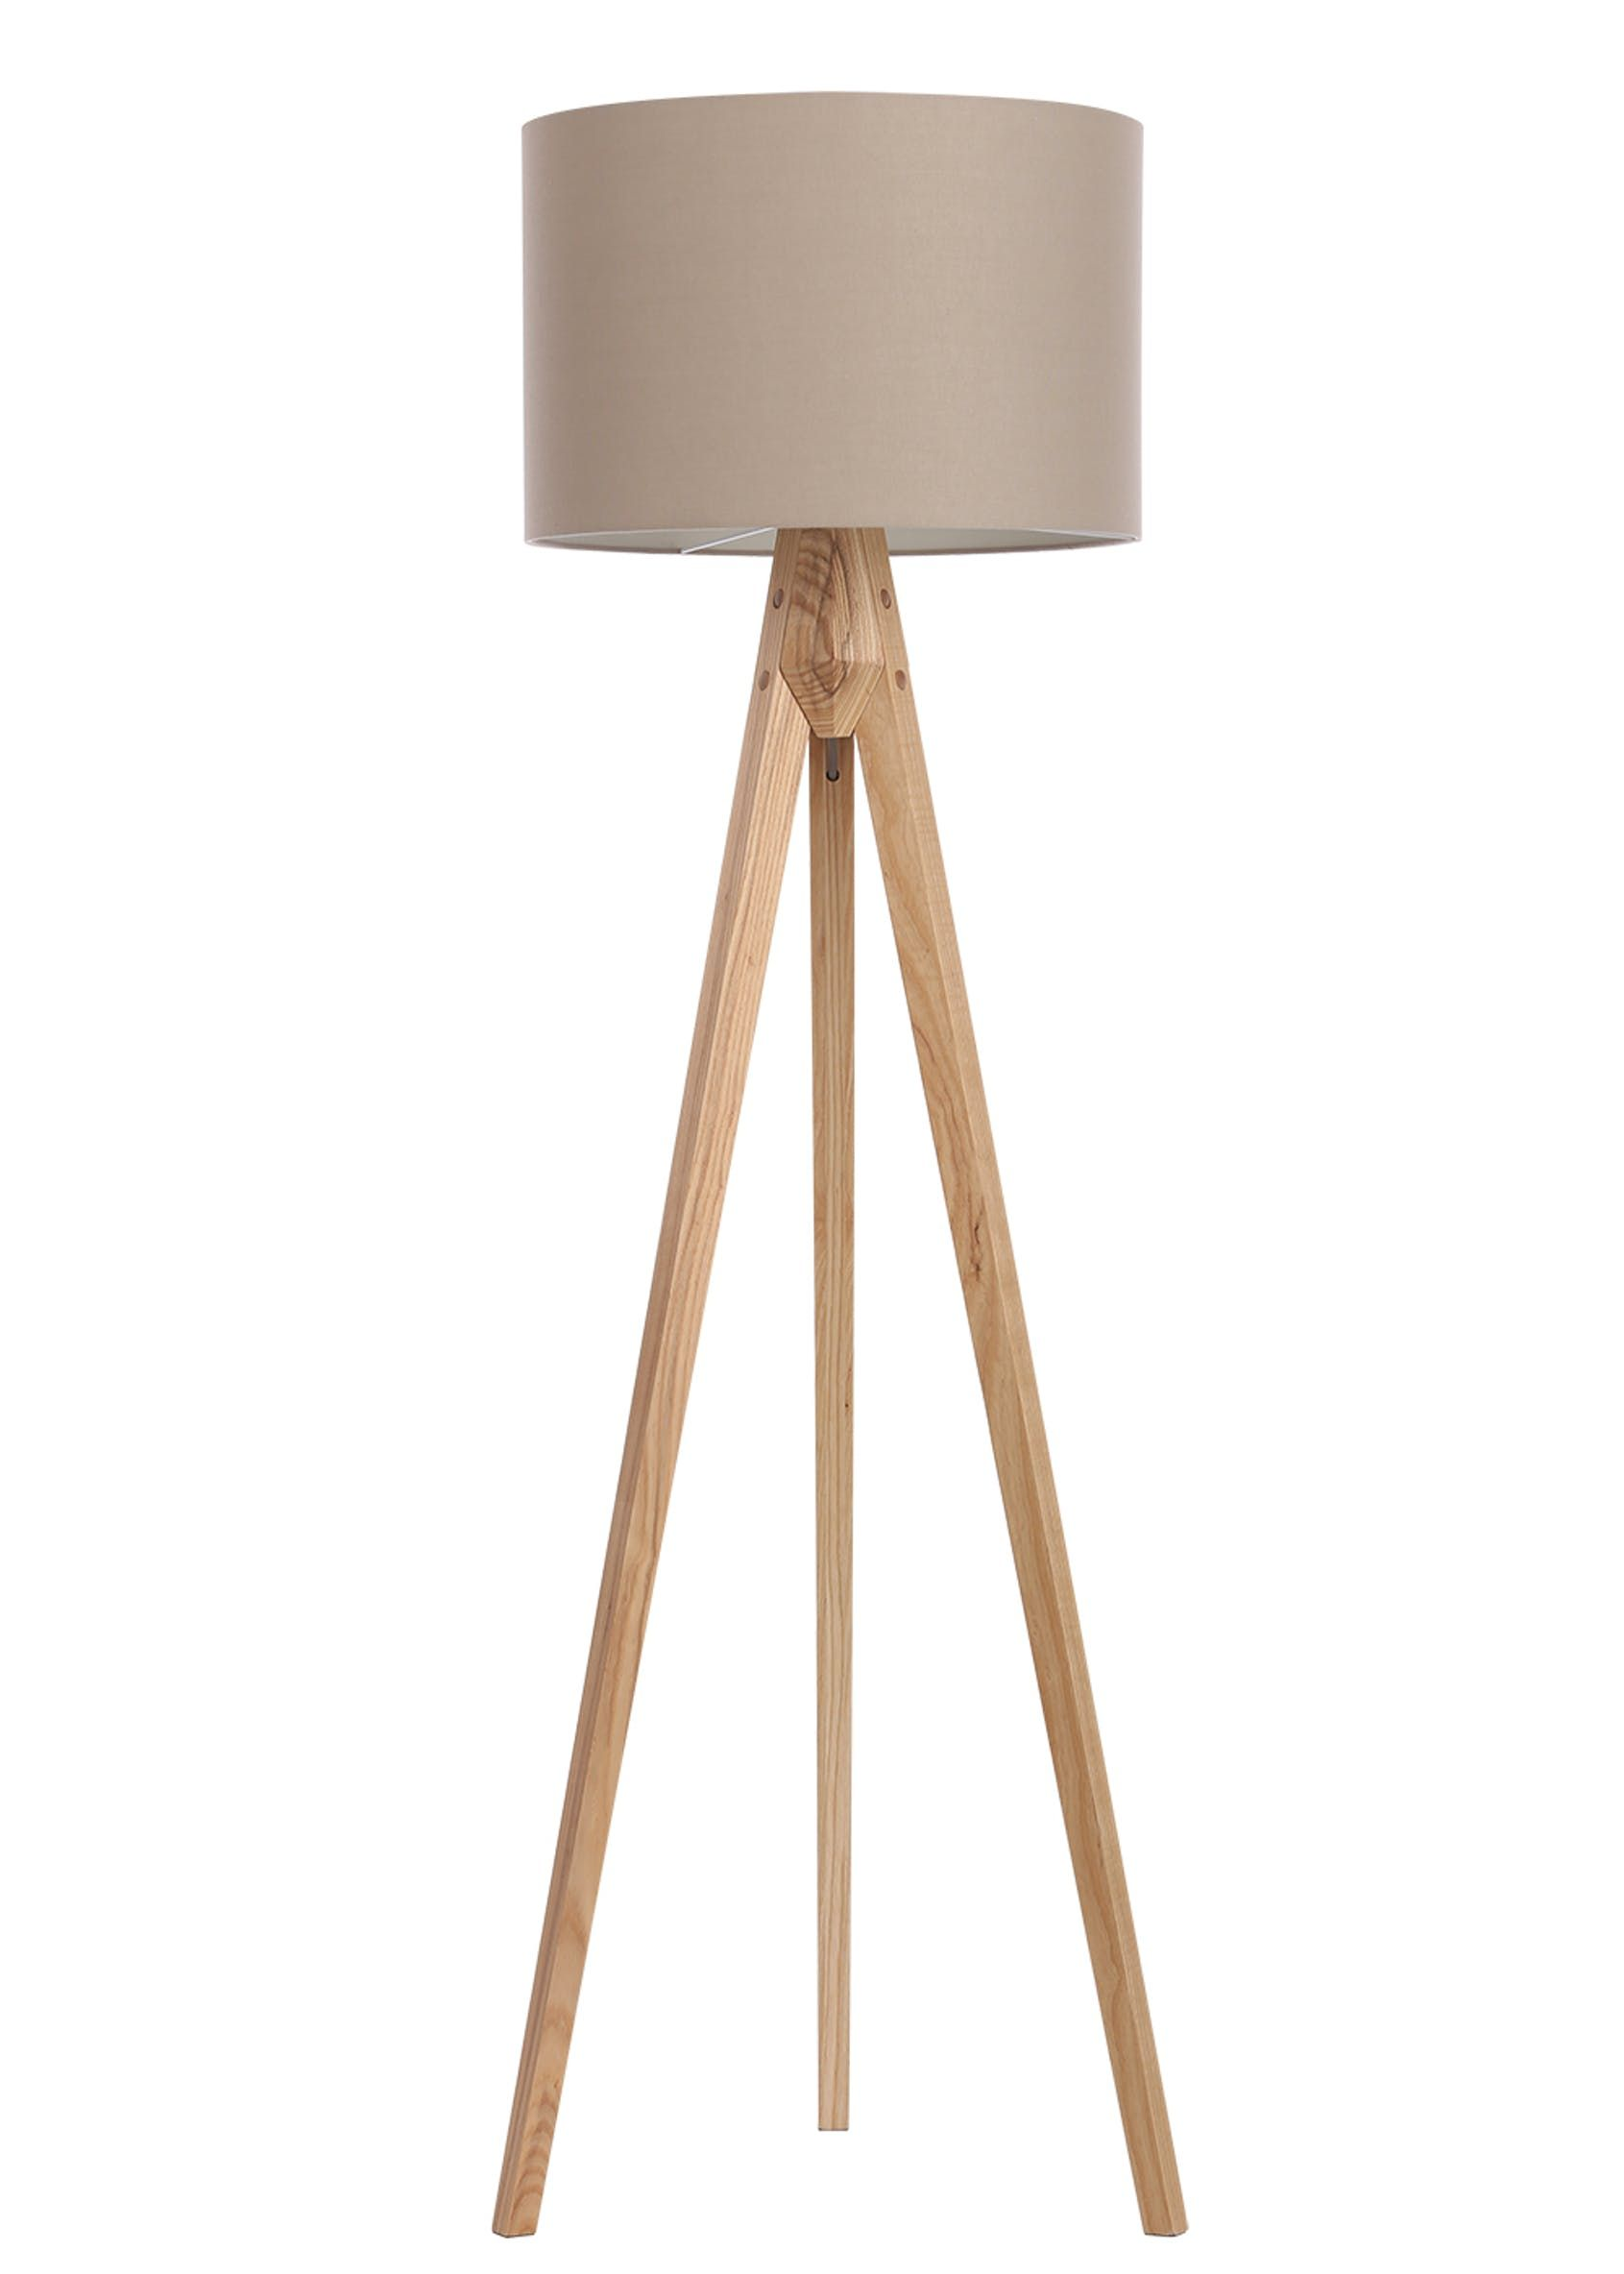 Travis Tripod Floor Lamp H152cm X W45cm Cream With Images Tripod Floor Lamps Floor Lamp